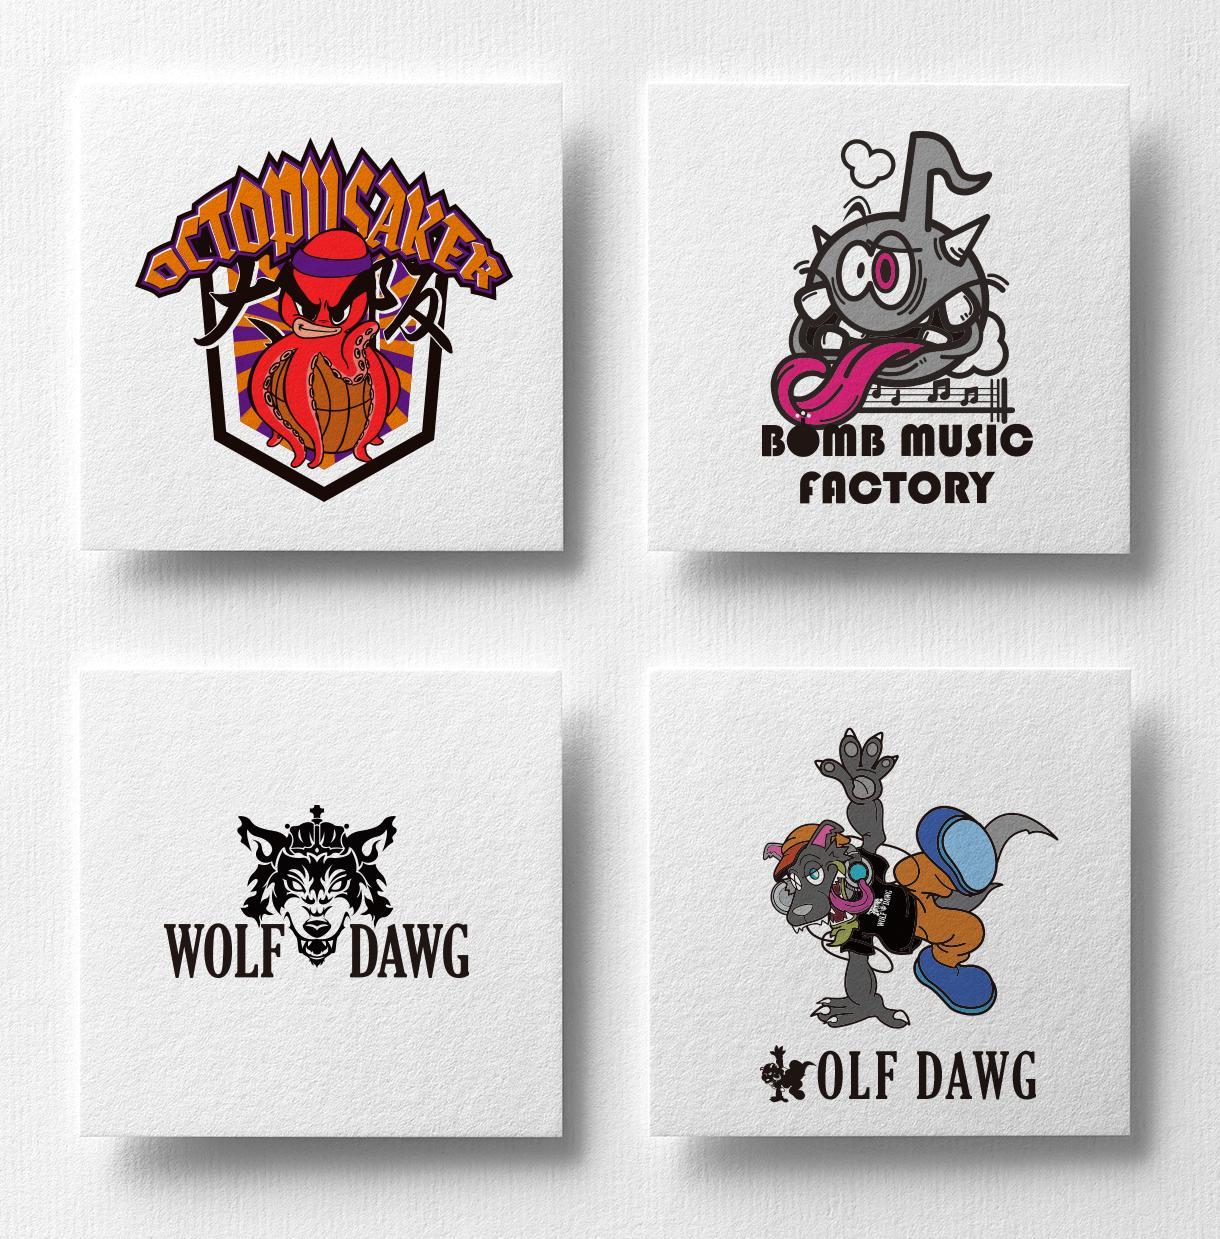 かっこいいキャラクター入りチームロゴ作ります プロのイラストレーターによるキャラクター&ロゴのセット提案!